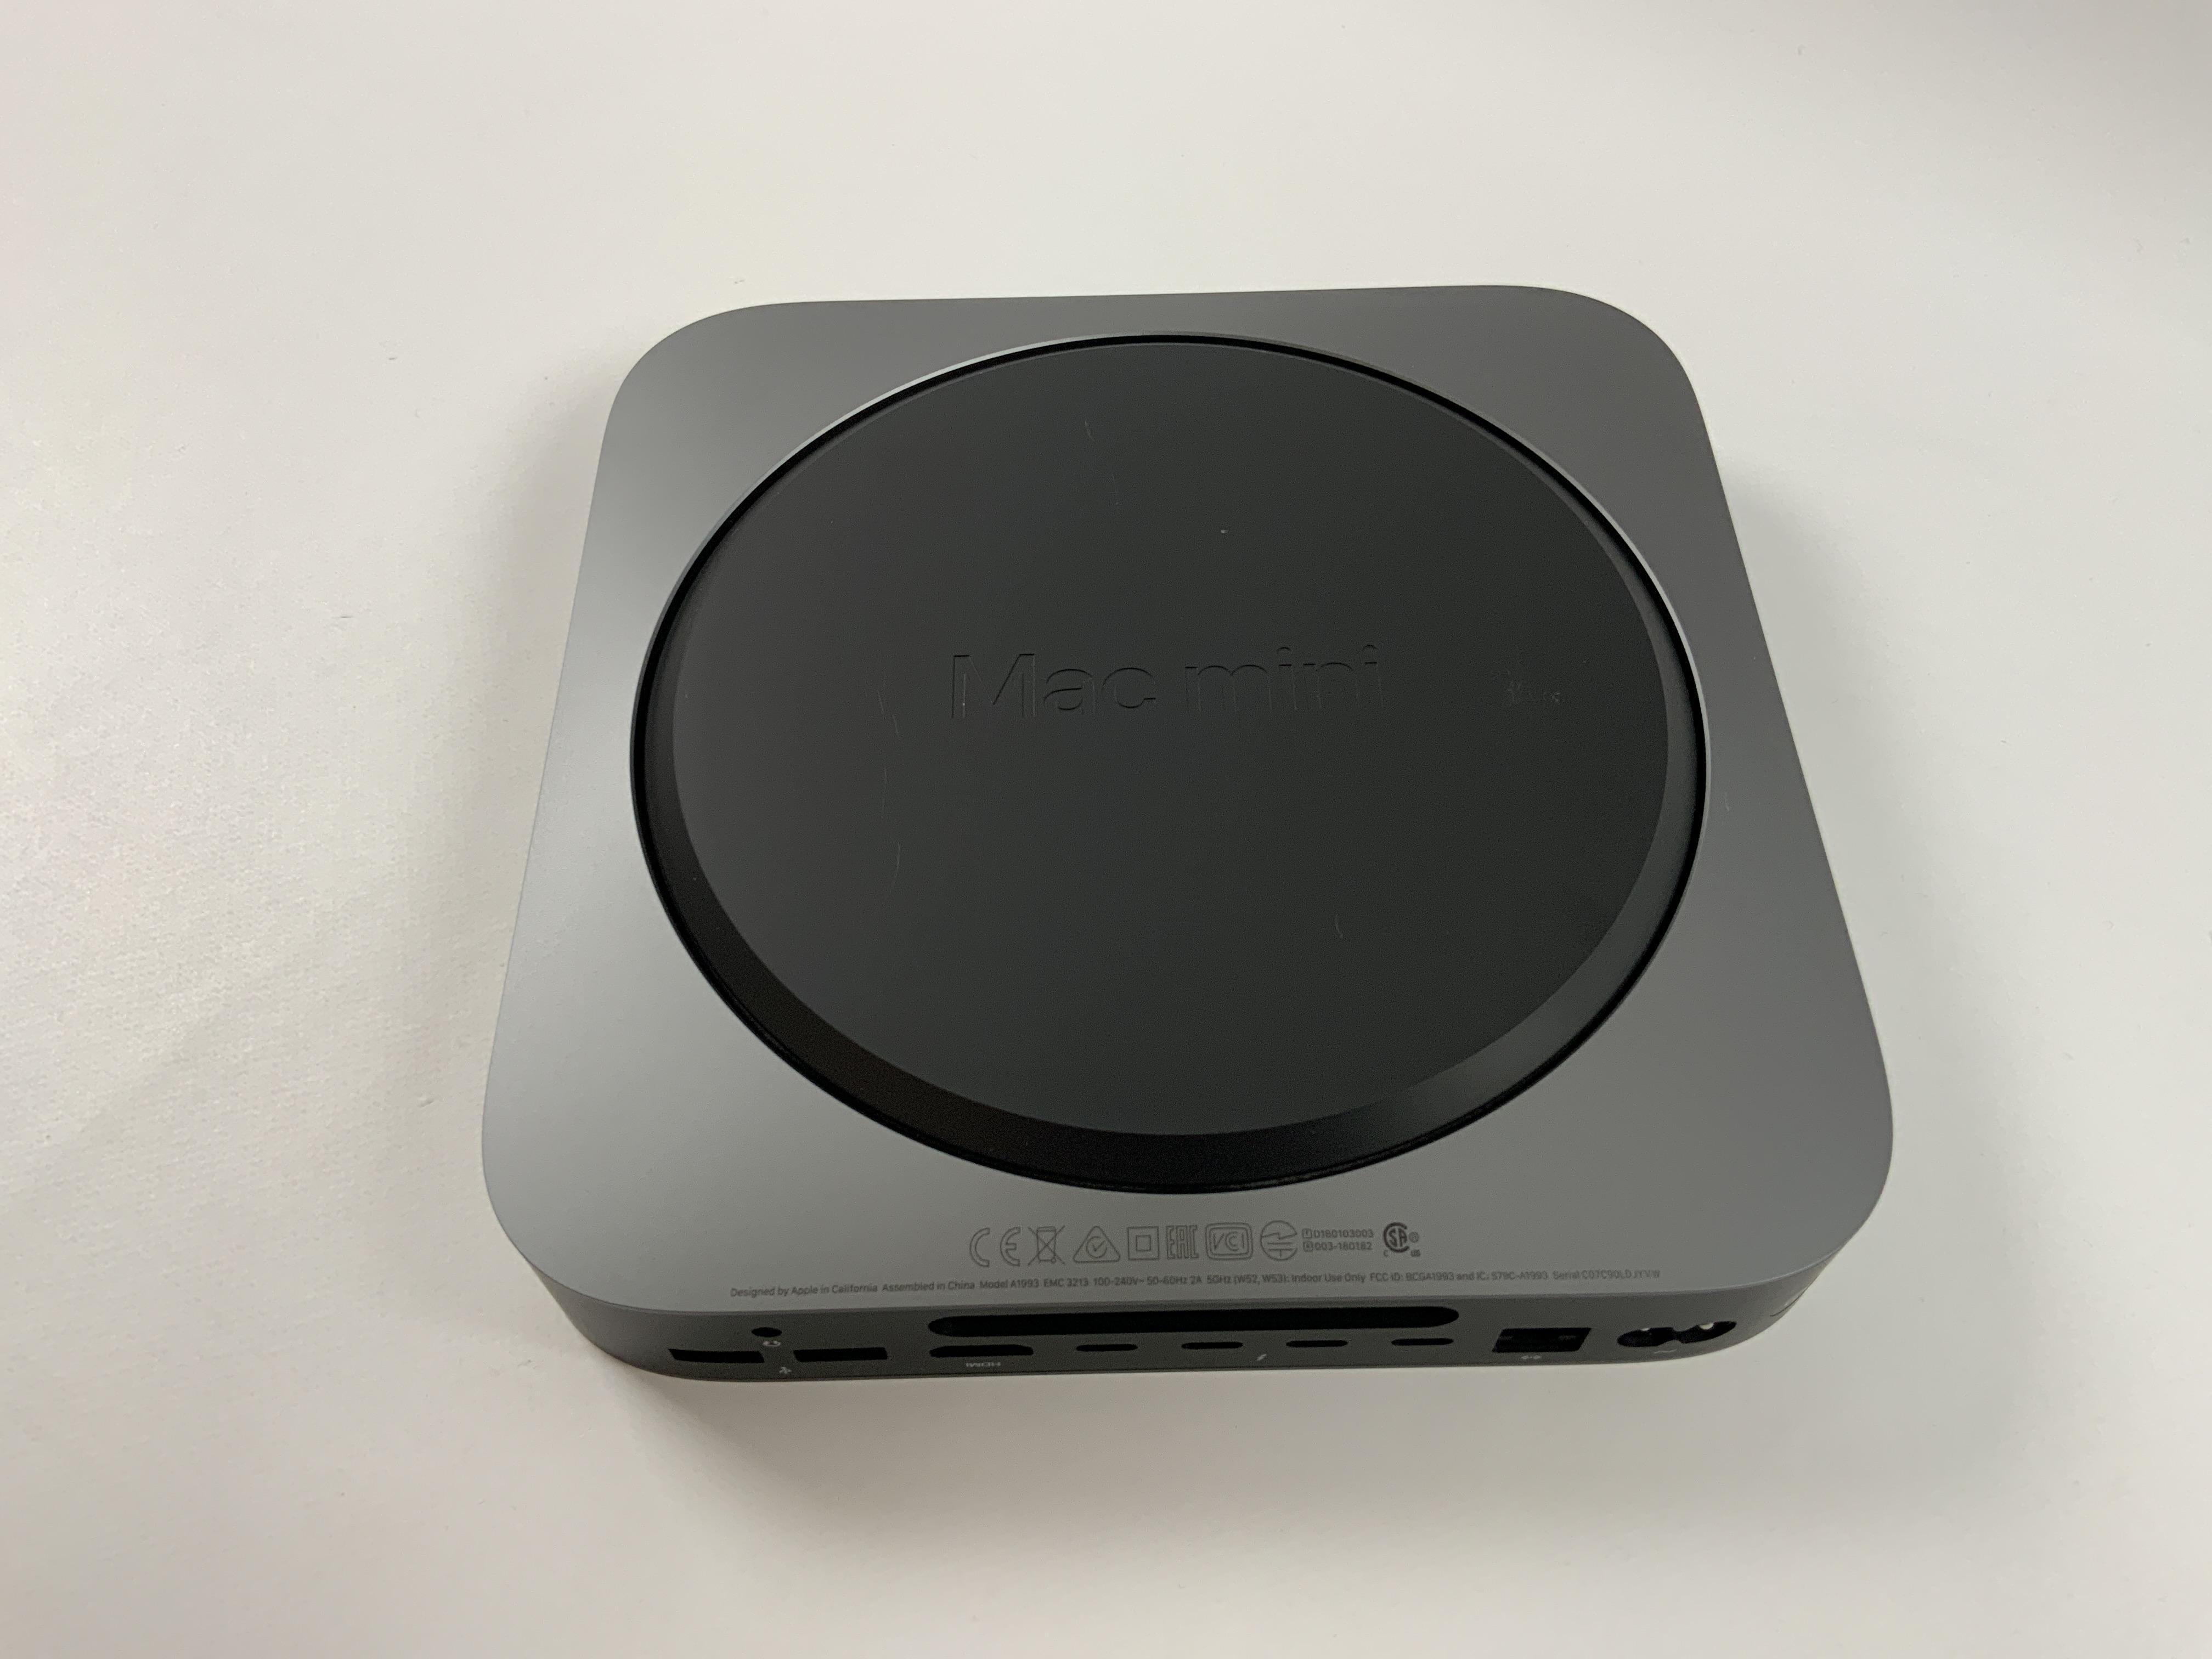 Mac Mini Late 2018 (Intel Quad-Core i3 3.6 GHz 16 GB RAM 128 GB SSD), Intel Quad-Core i3 3.6 GHz, 16 GB RAM, 128 GB SSD, Afbeelding 2